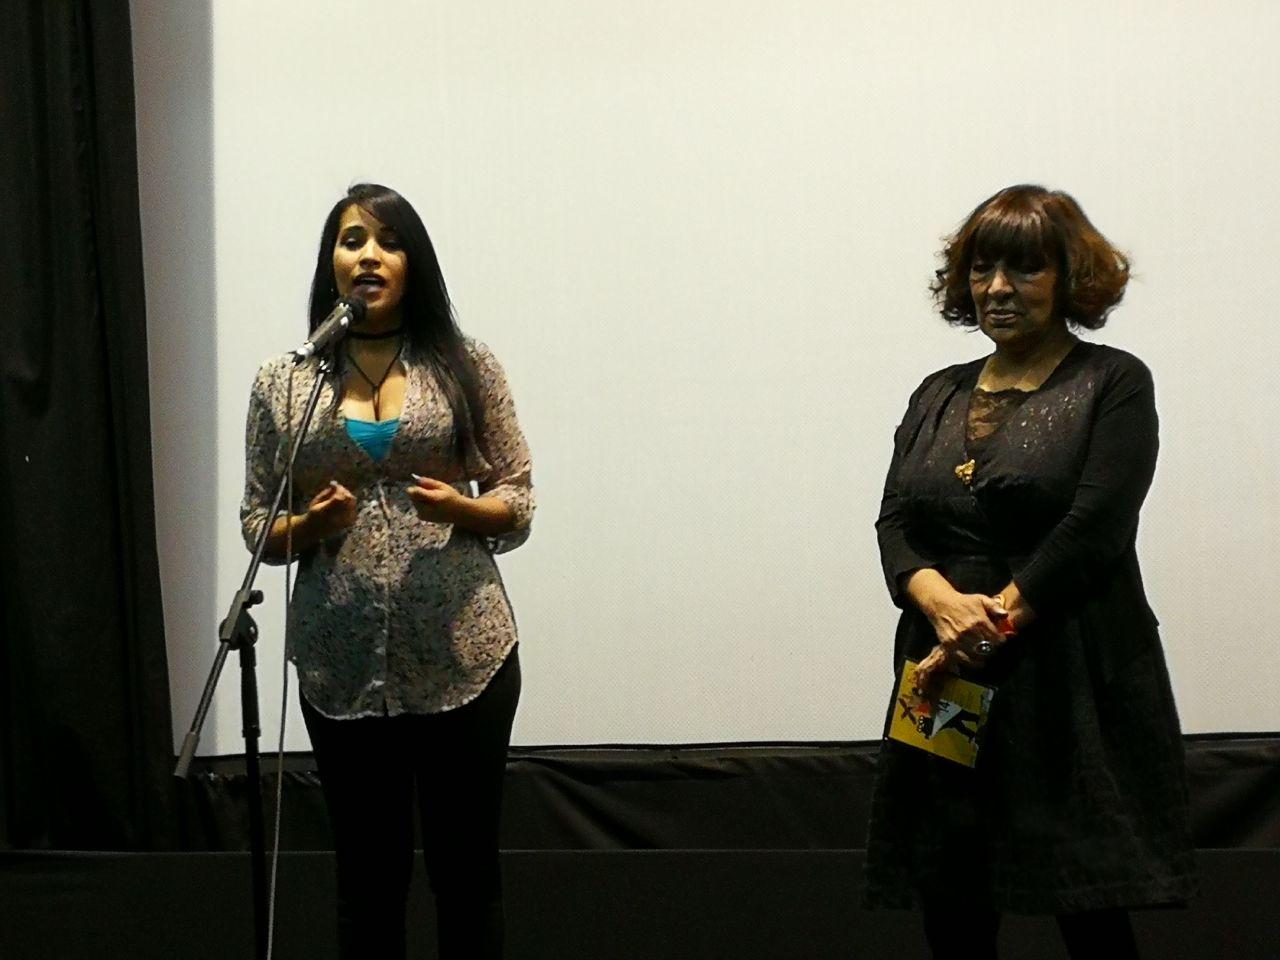 la-encargada-de-cultura-de-la-embajada-de-venezuela-en-bolivia-patricia-guilarte-dio-la-bienvenida-a-ls-asistentes-que-se-congregaron-para-preciar-los-films-venezolanos